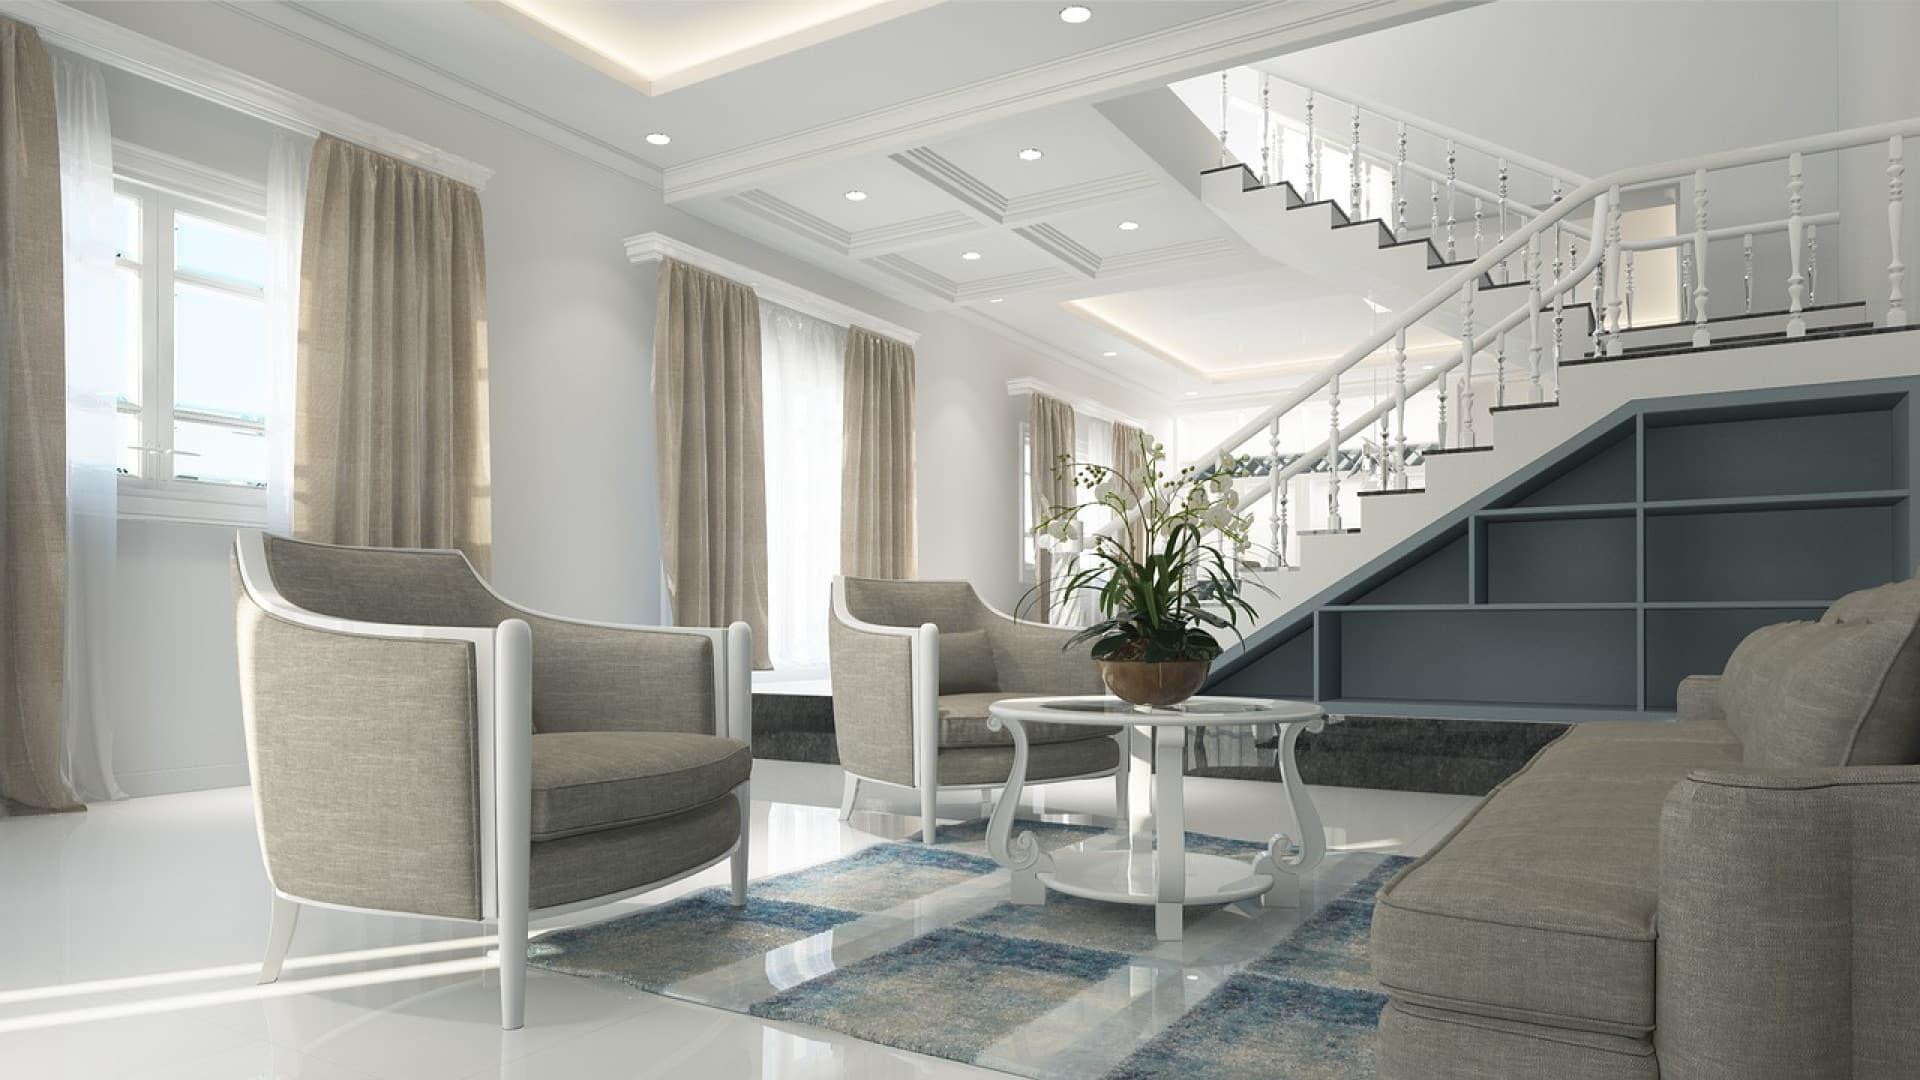 Comment trouver rapidement un appartement à louer ?